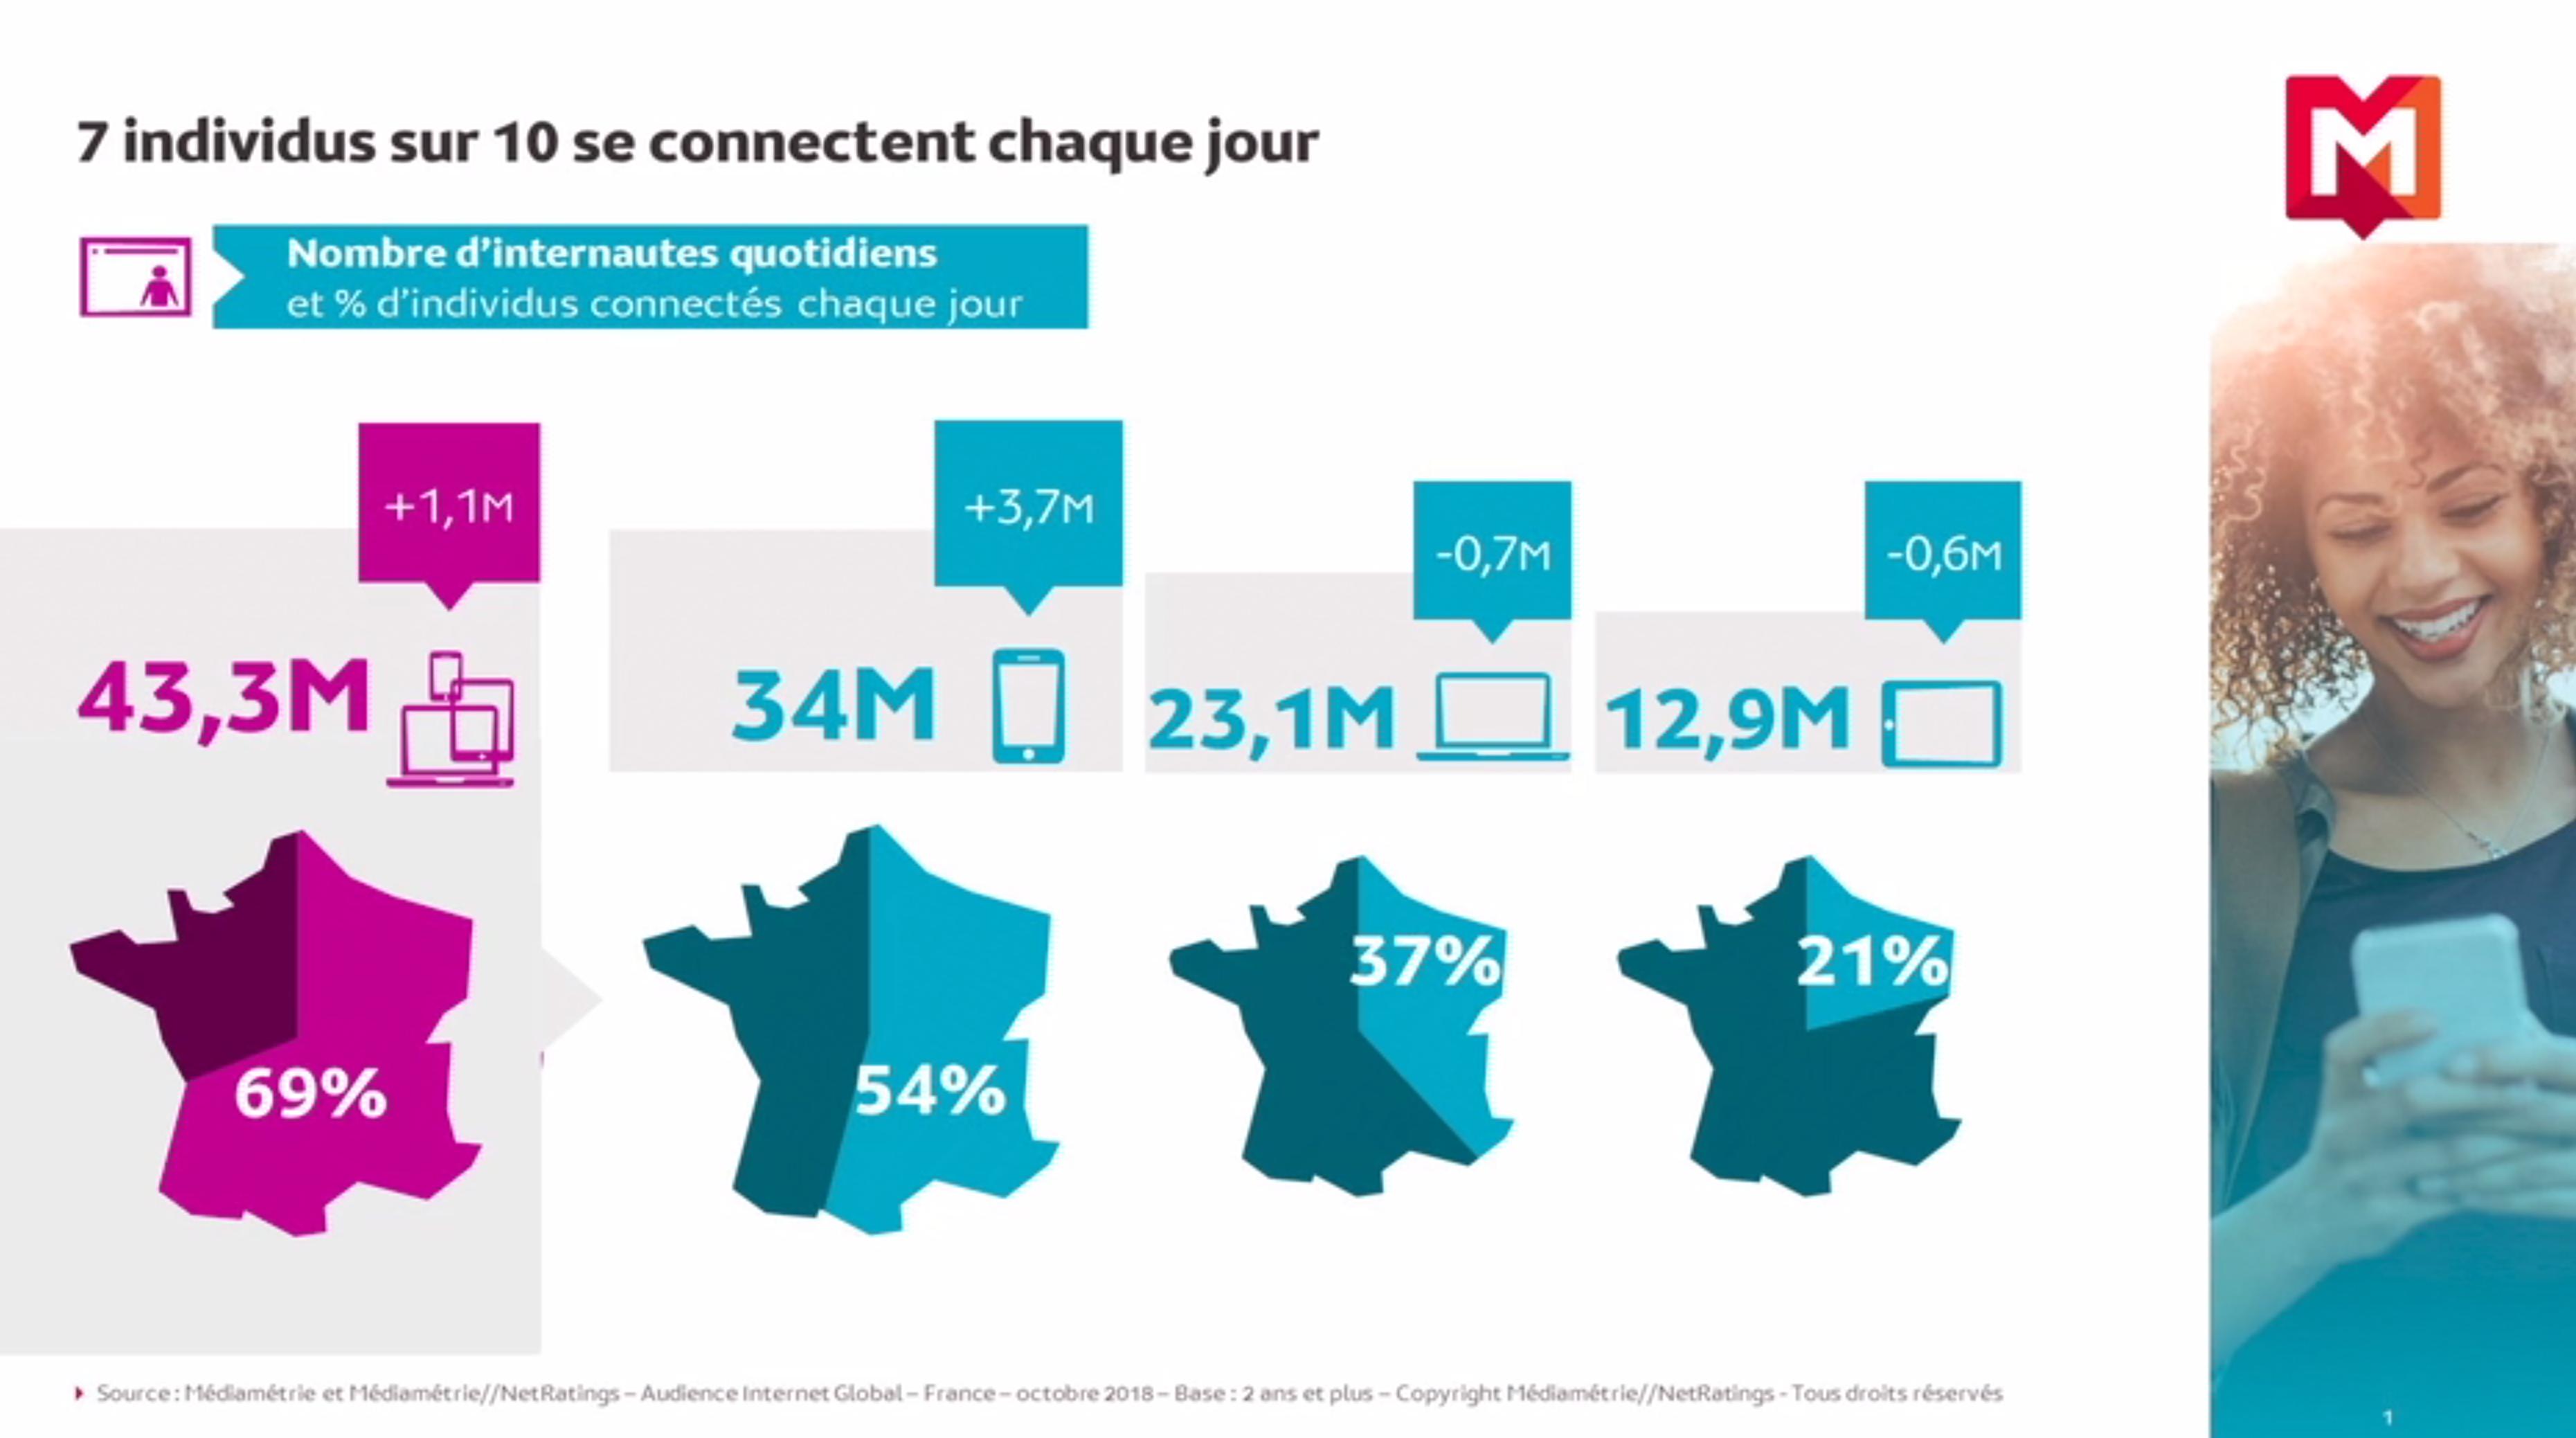 Toujours plus de connexions en 2018 selon Médiamétrie